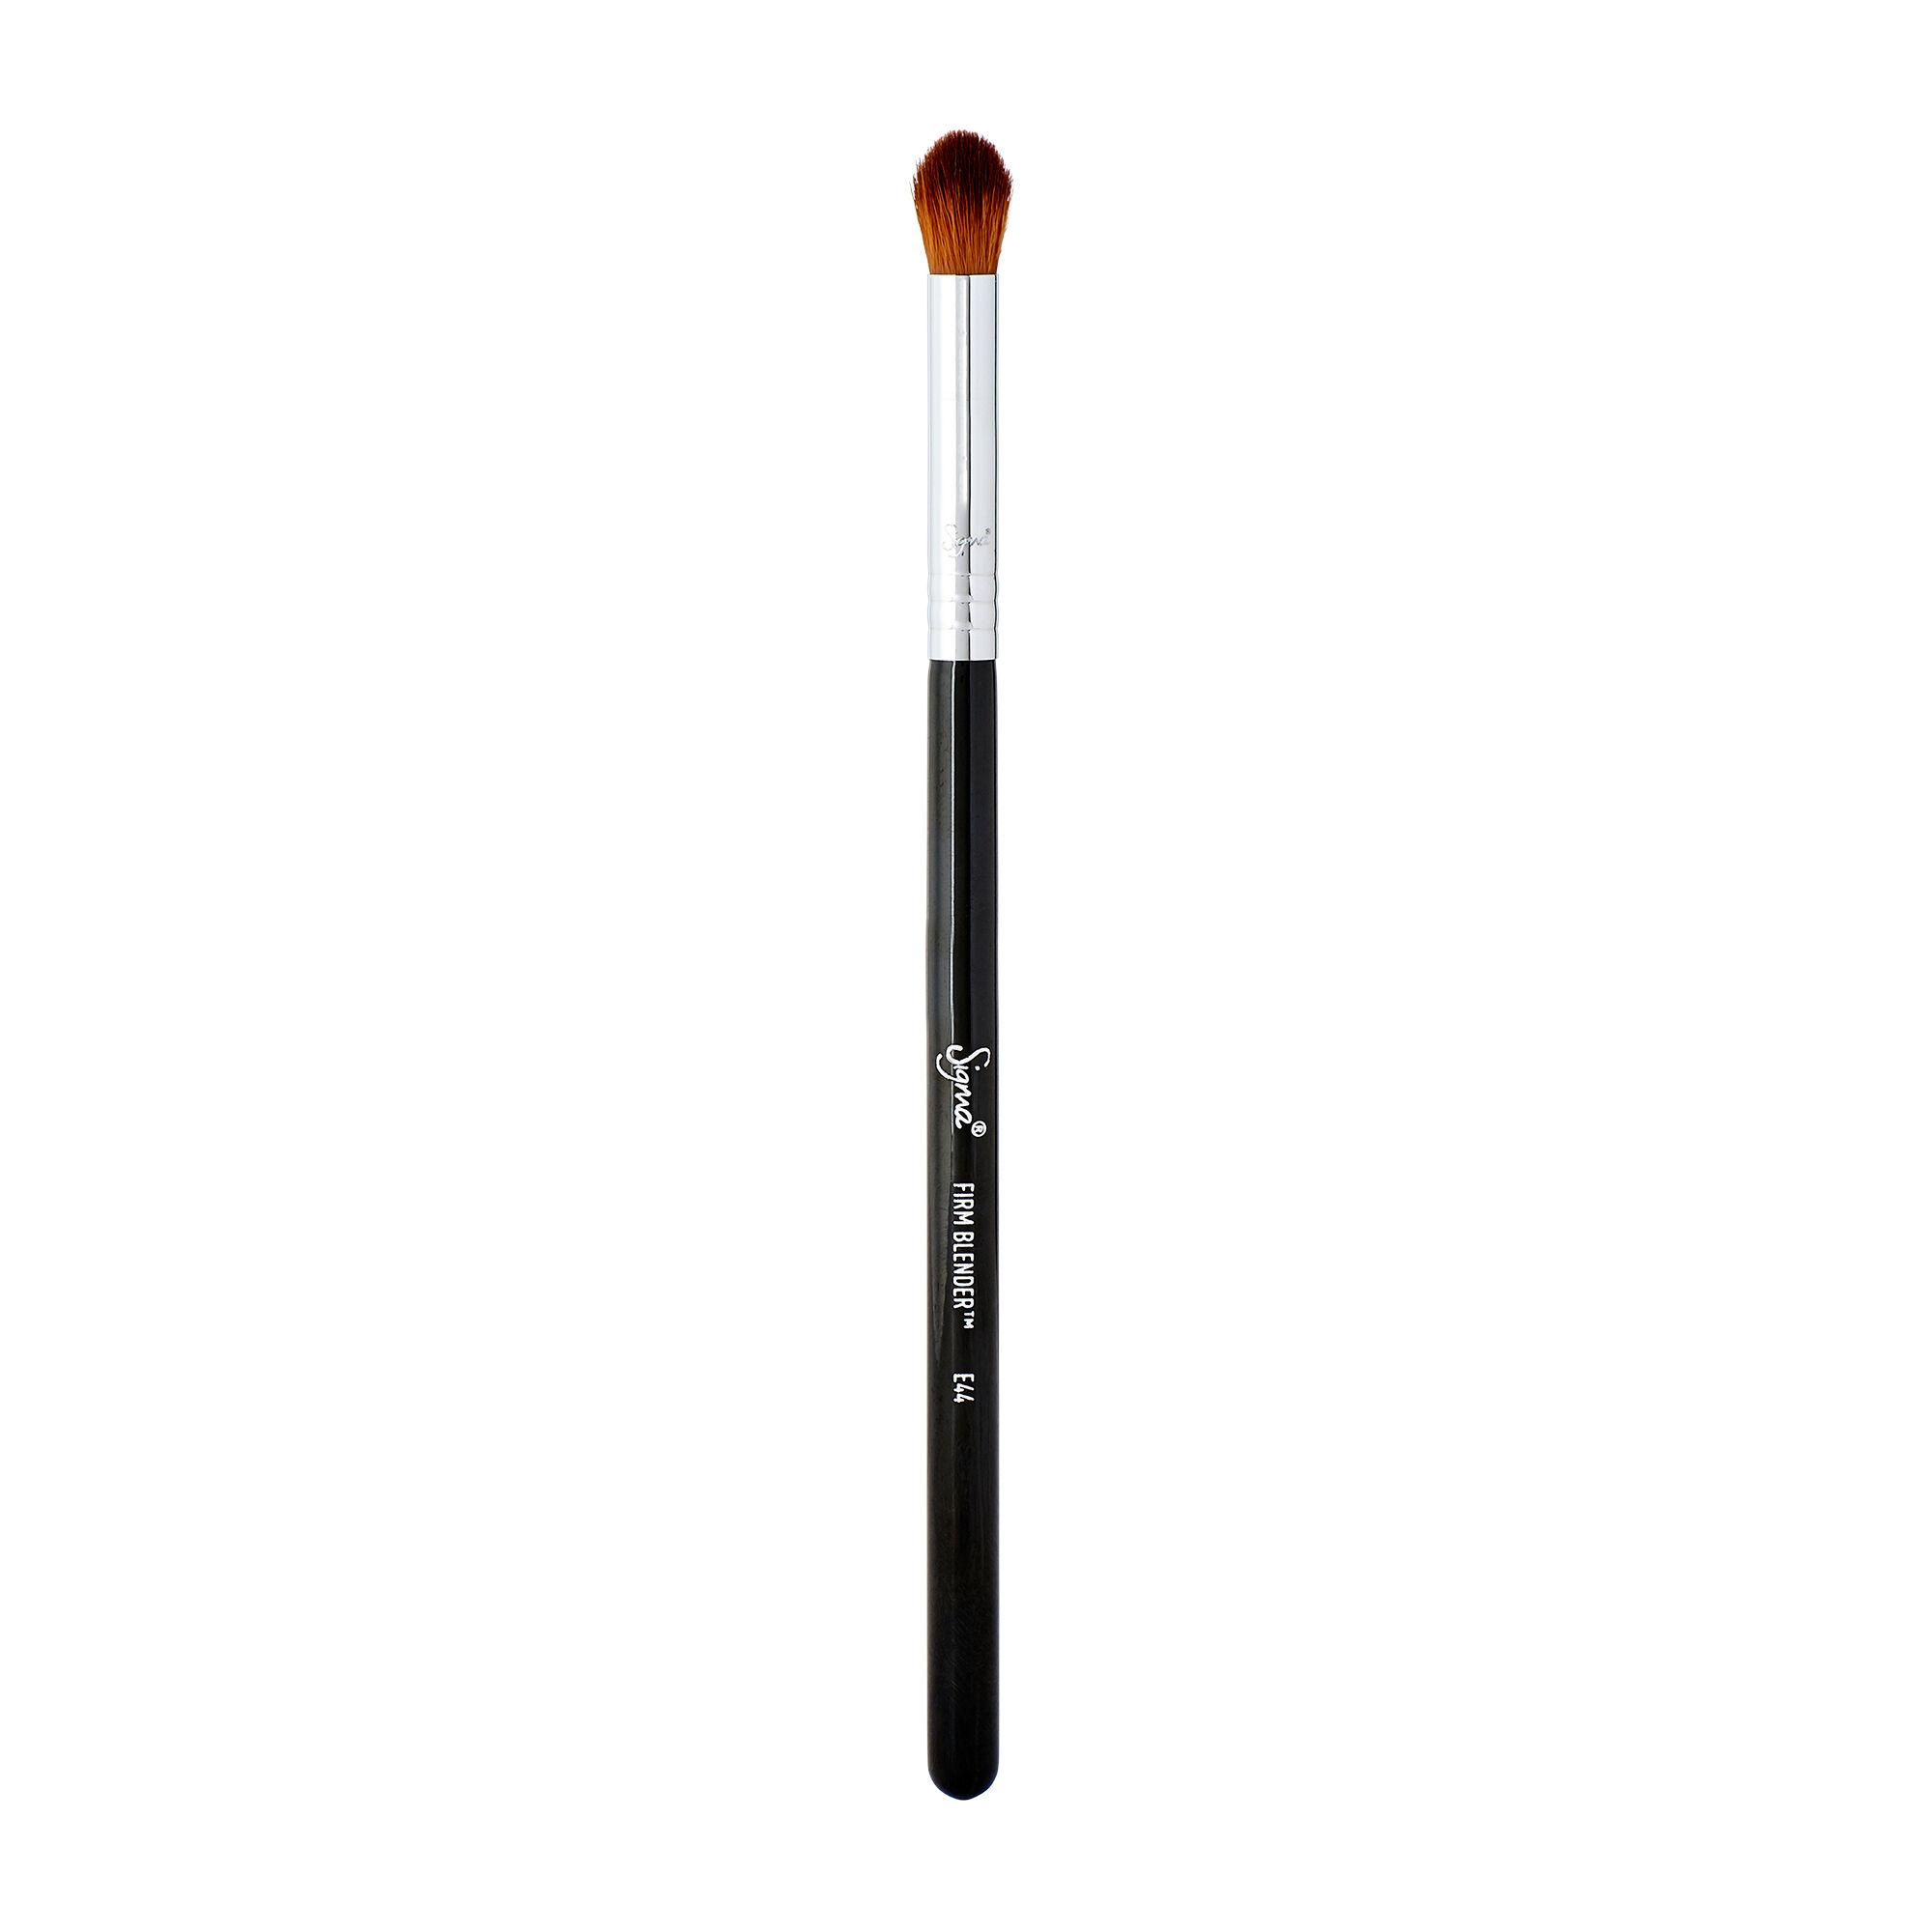 Sigma Beauty E44 Firm Blender Brush